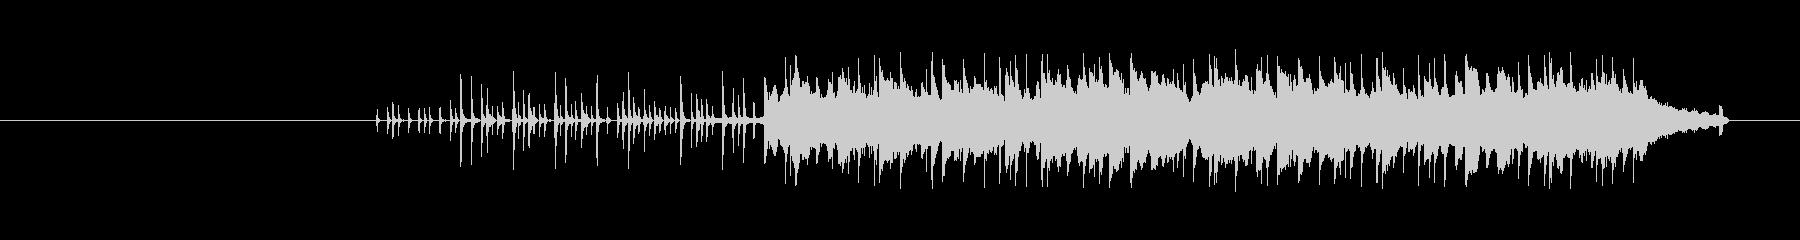 穏やかな流れのあるリズムポップスの未再生の波形